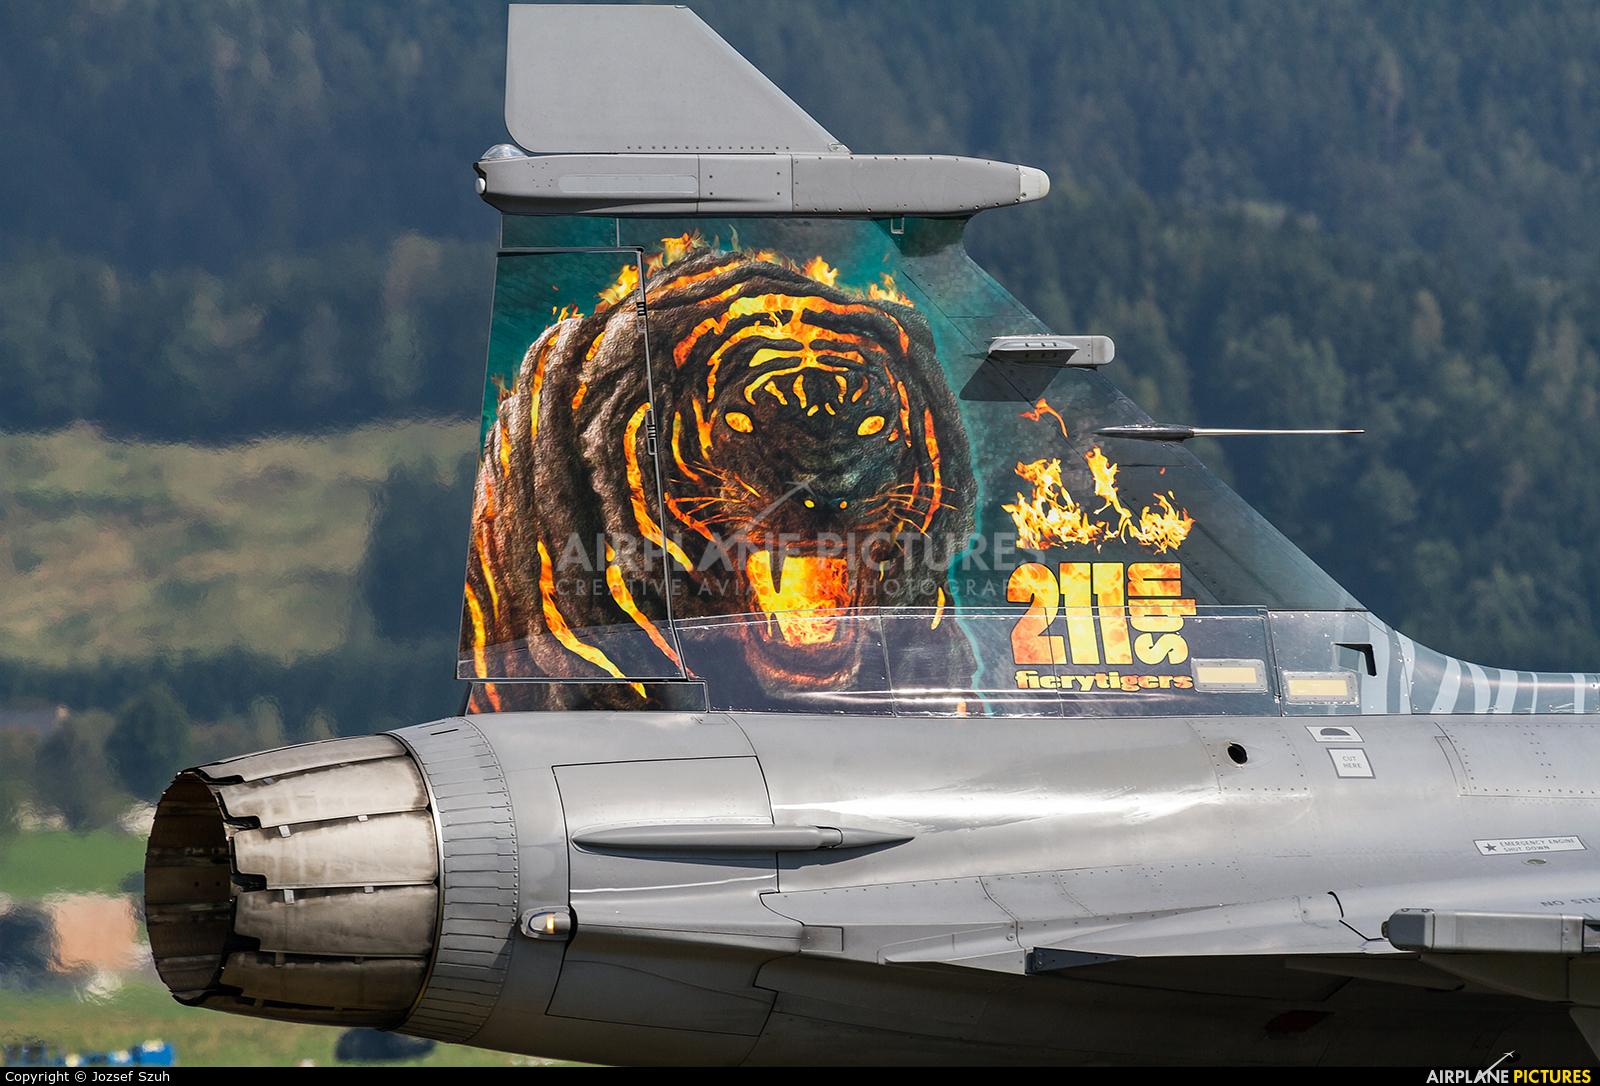 Czech - Air Force 9236 aircraft at Zeltweg